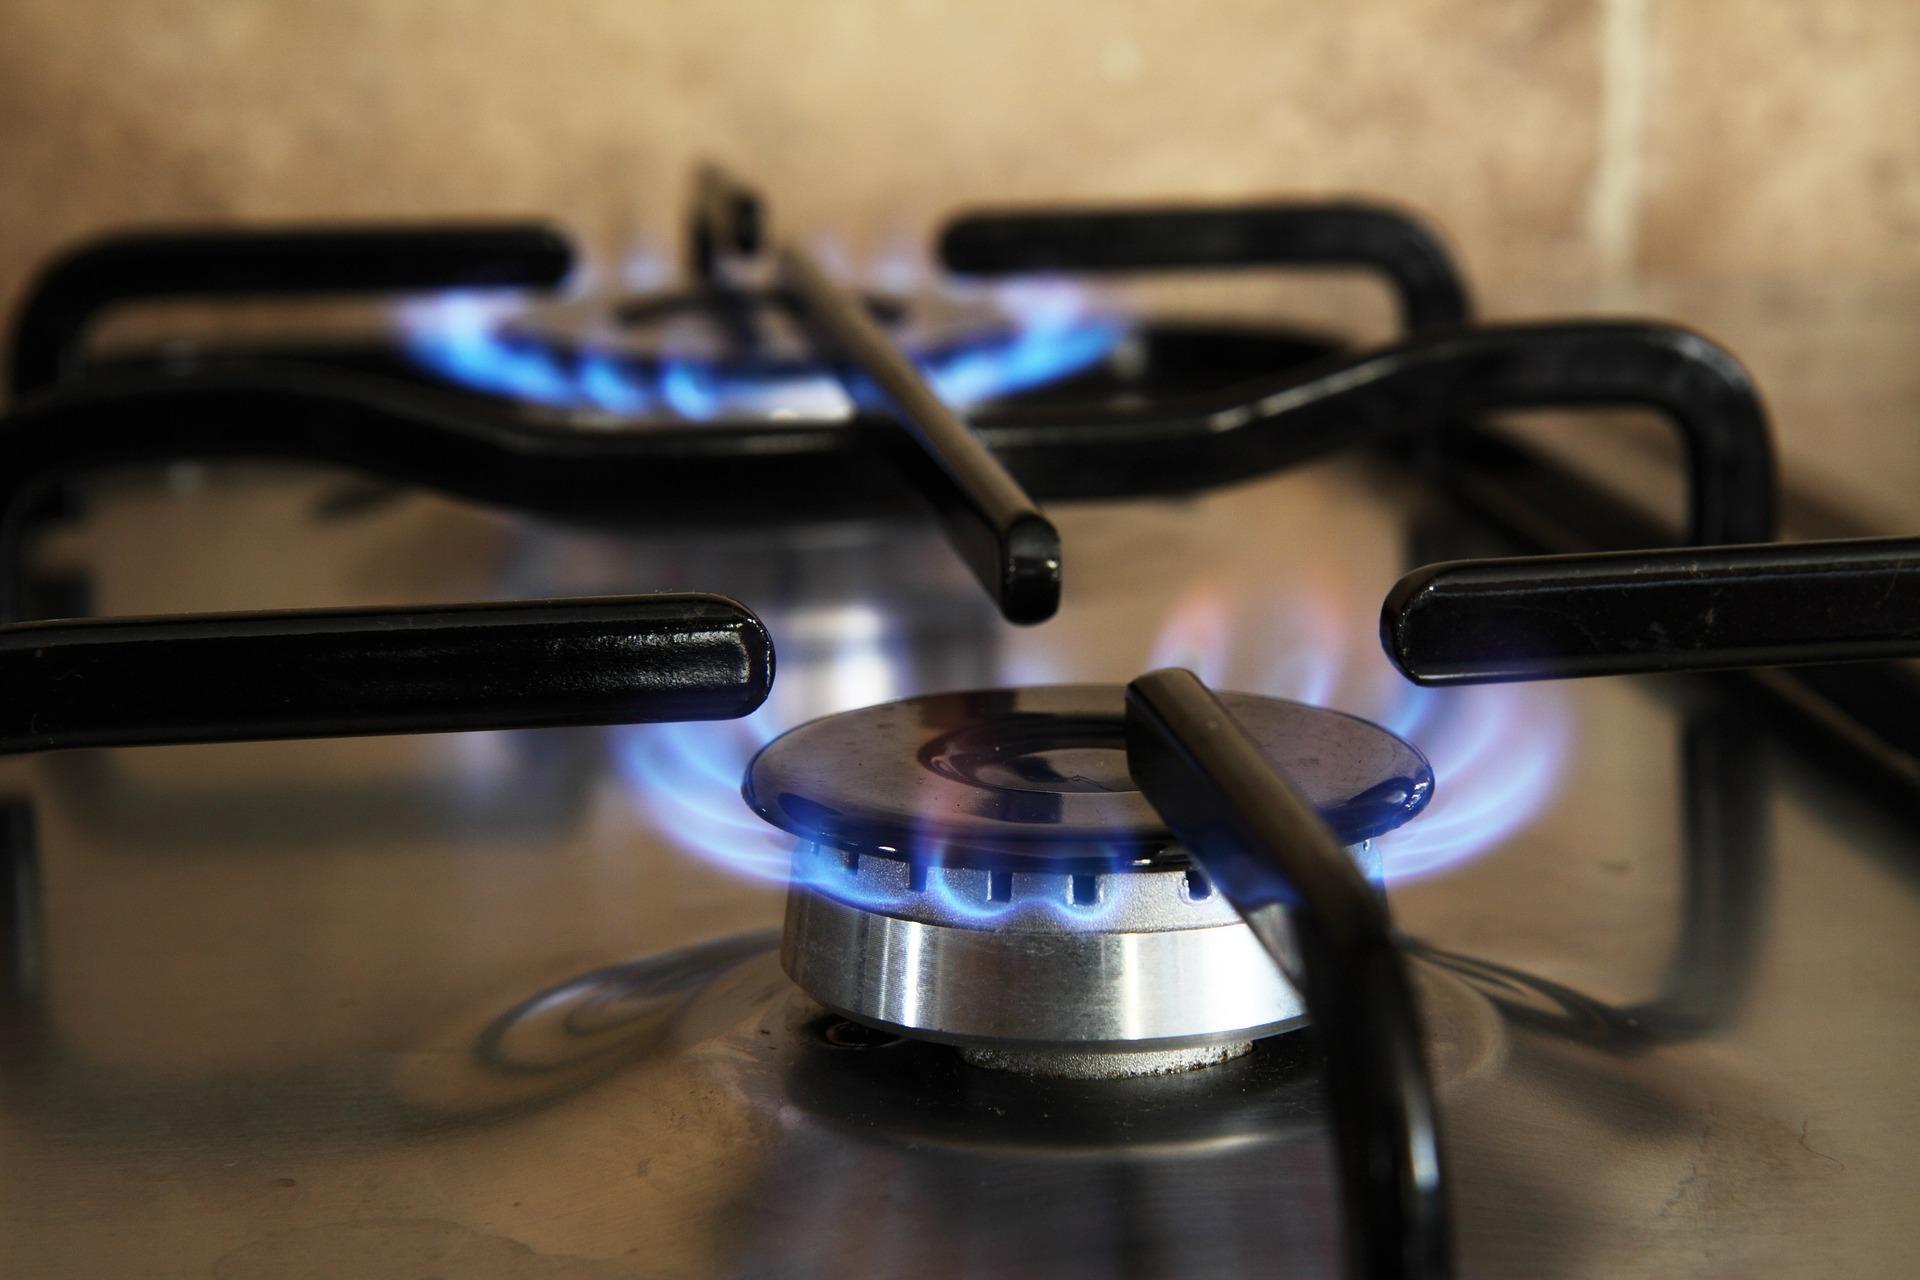 Gaspreisänderung gegenüber Nicht-Haushaltskunden